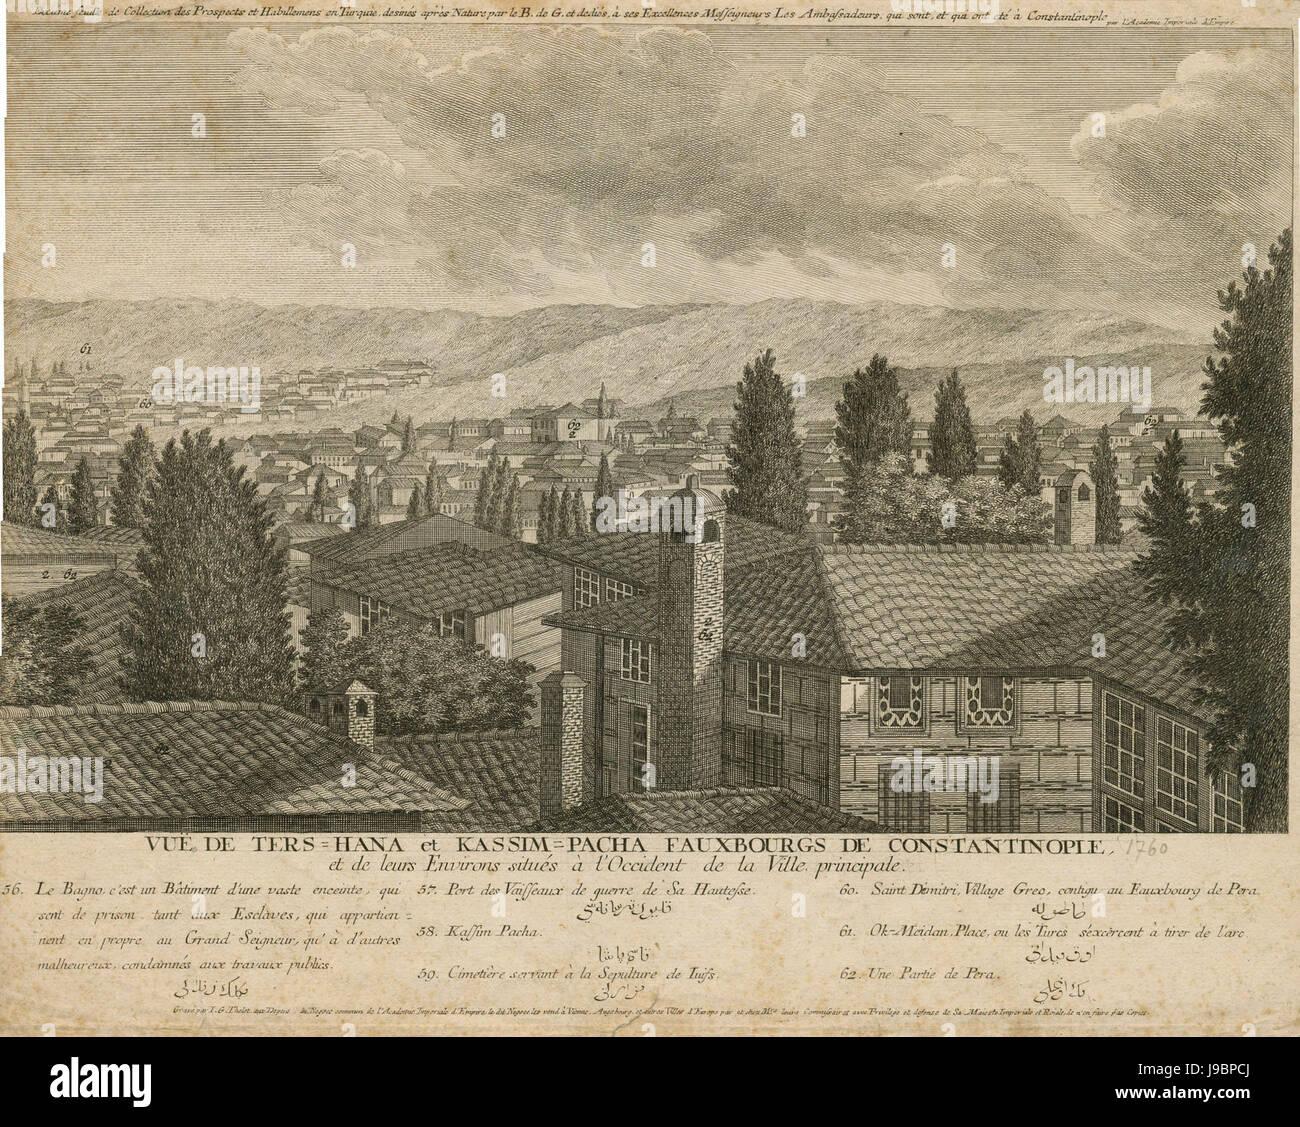 Vue de Ters Hana et Kassim Pacha Fauxbourgs de Constantinople, 1760 (Thelot)